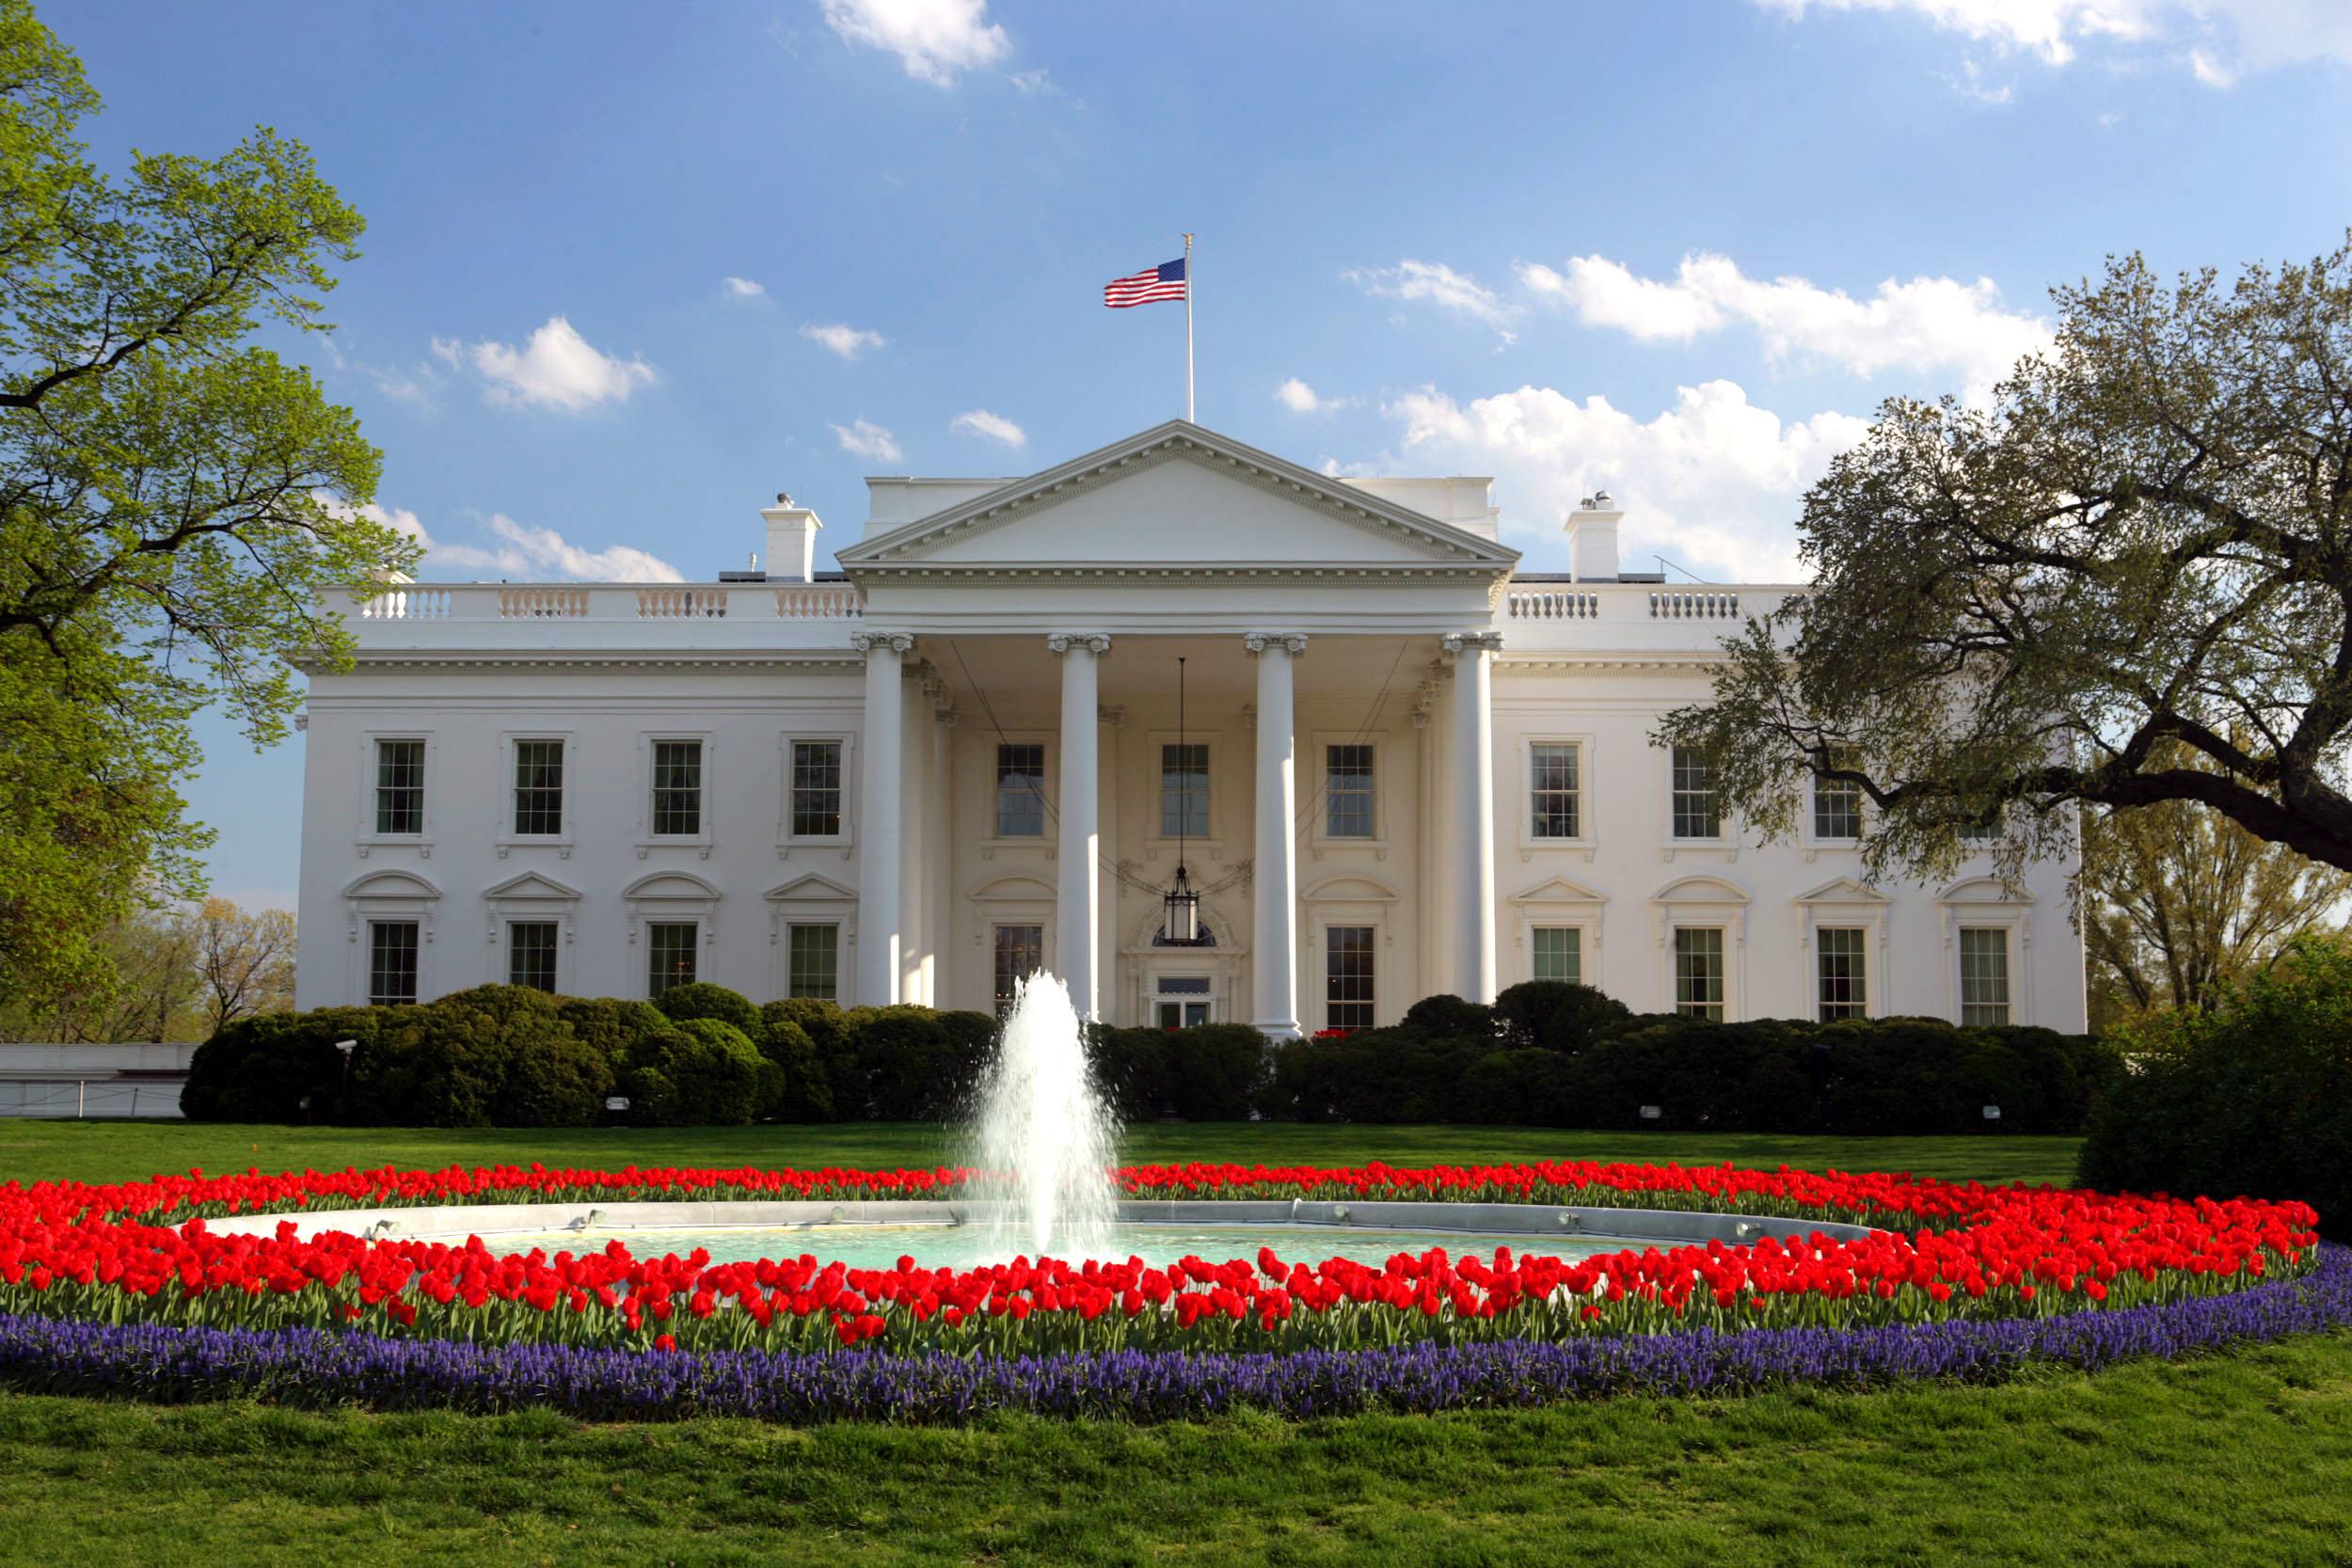 واشنطن:لن يتم فرض أي حلول من الخارج على السودان